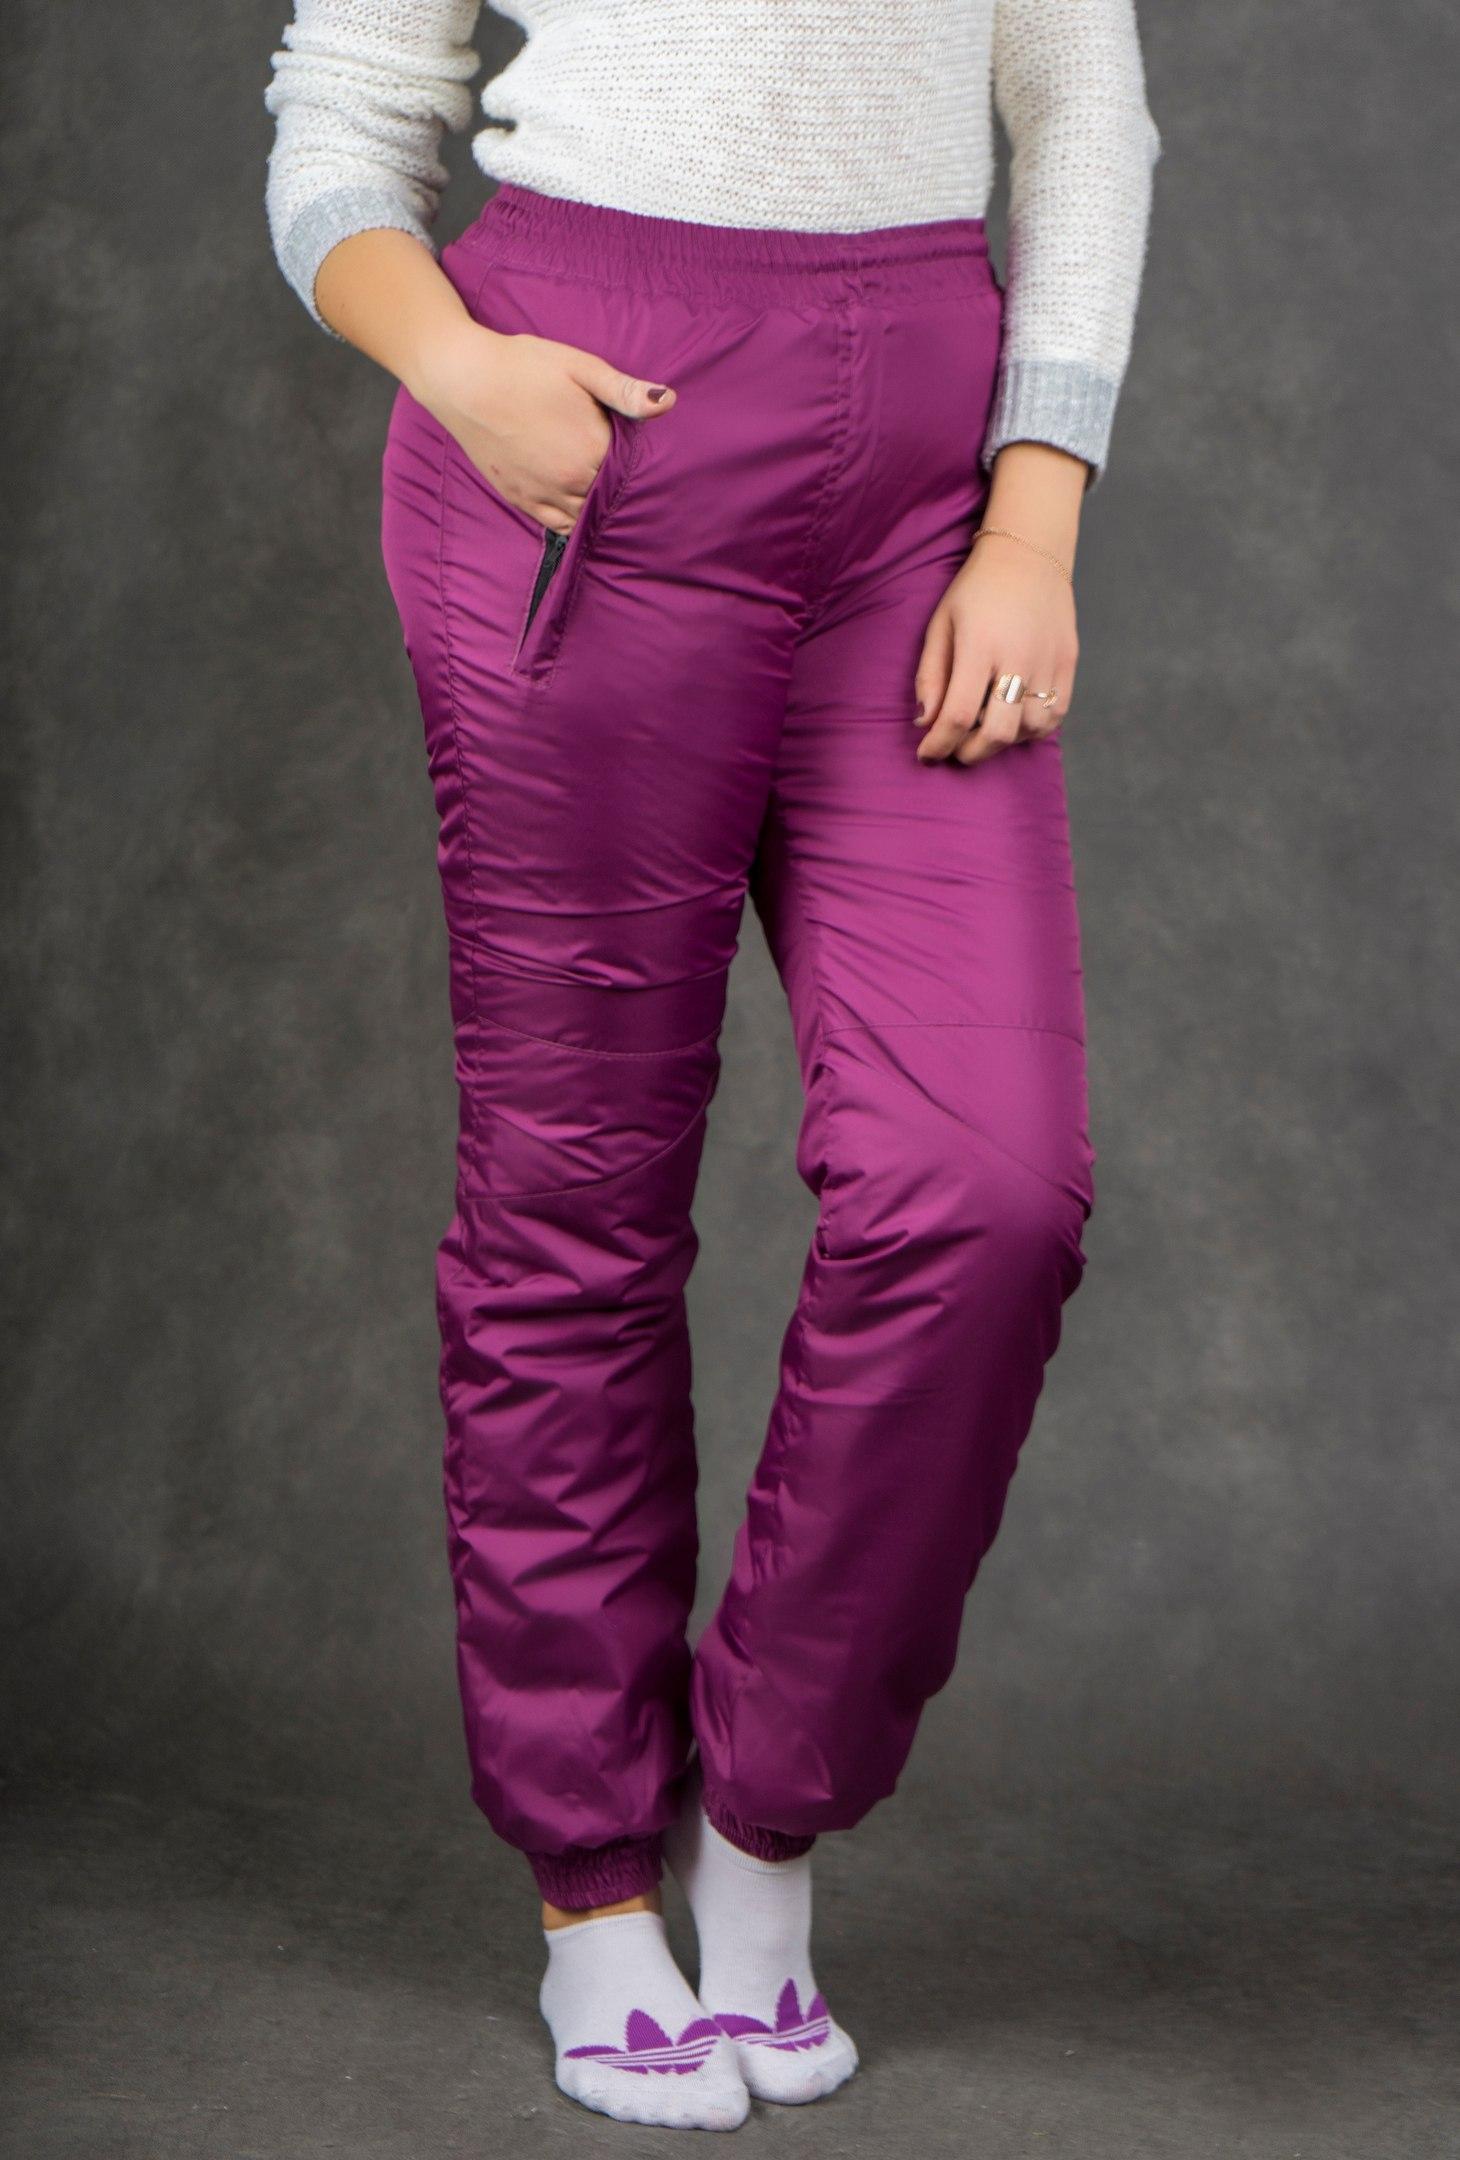 Утепленные брюки для всей семьи по выгодным ценам. В ассортименте женские, мужские, подростковые и детские модели на флисе и синтепоне. Есть большие размеры. Без рядов! Выкуп 16